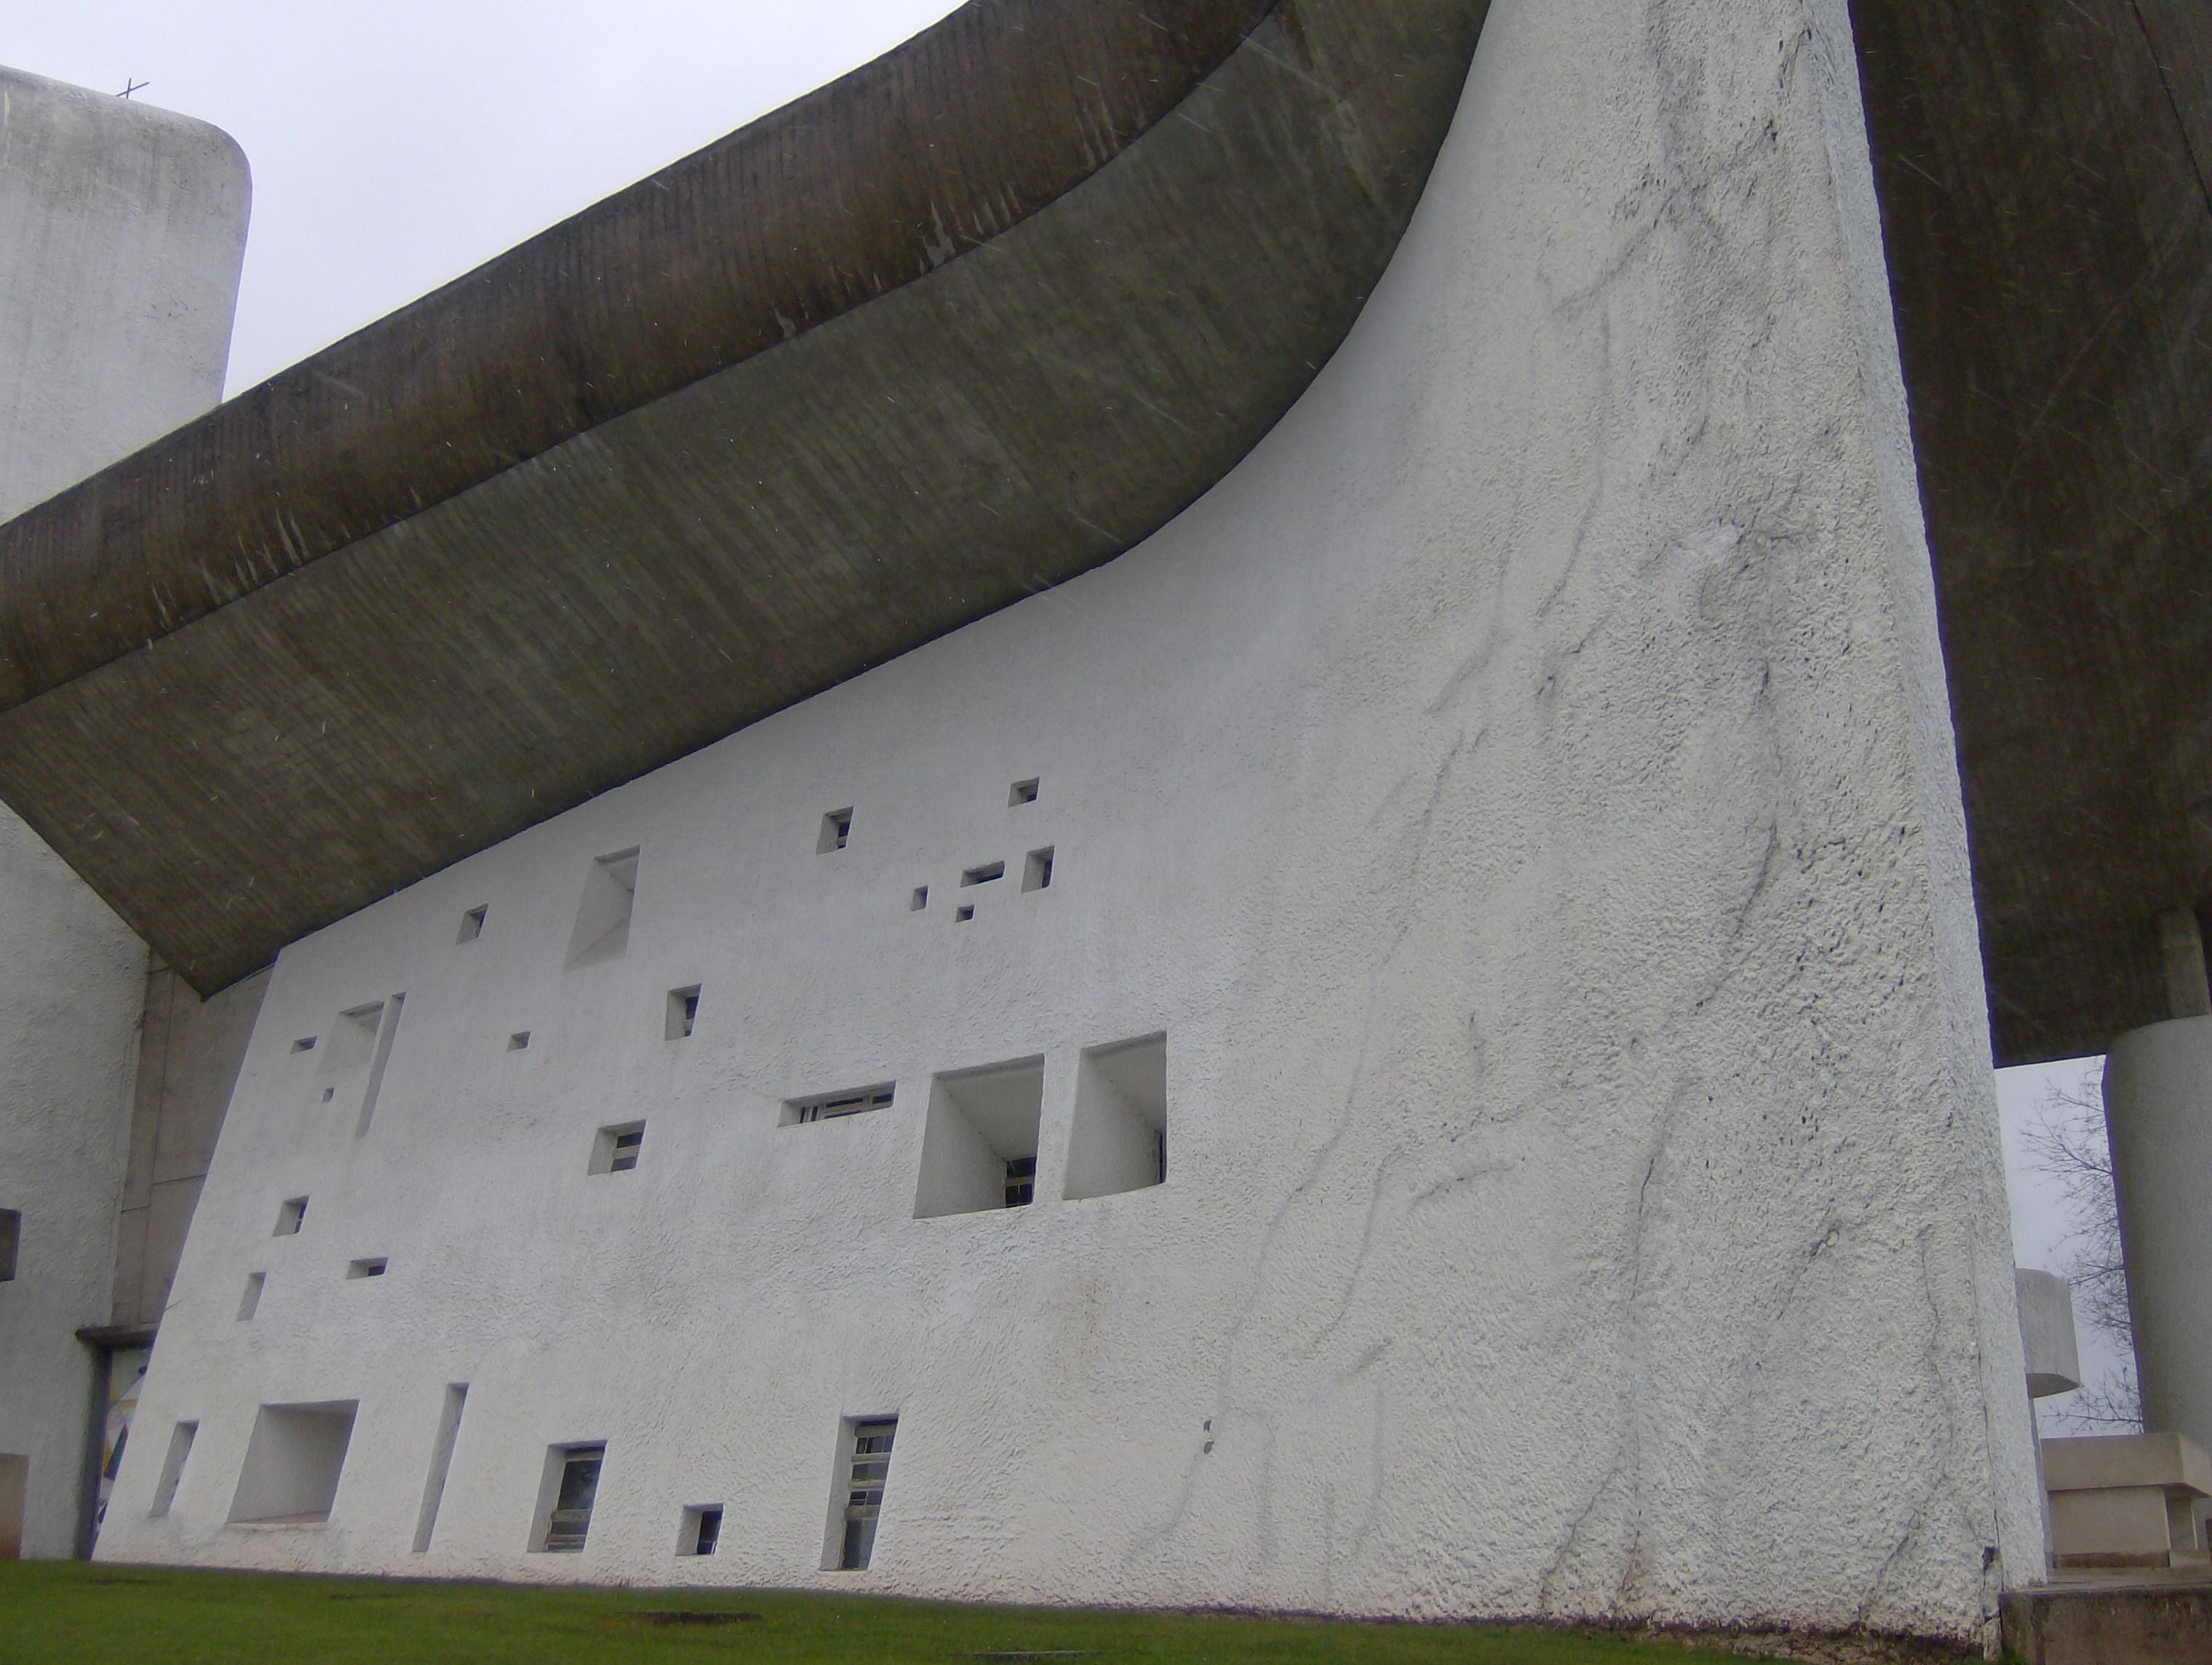 Chapelle Notre-Dame-du-Haut - França